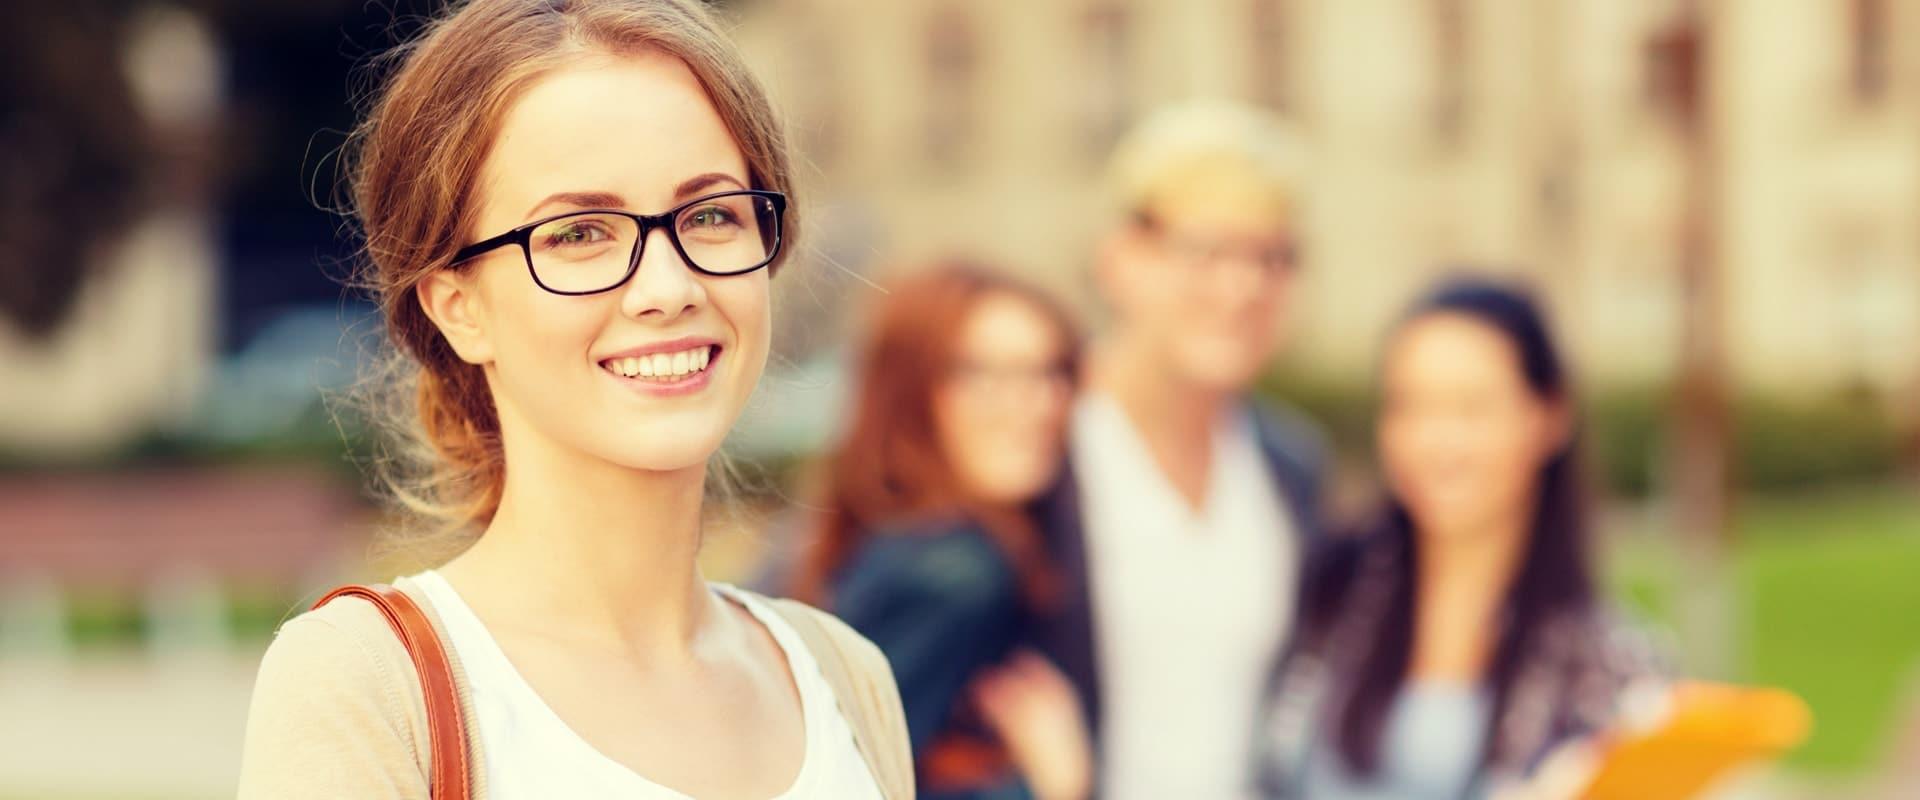 Заказать написание дипломных курсовых и др работ Успешное написание дипломов и курсовых работ в Брянске